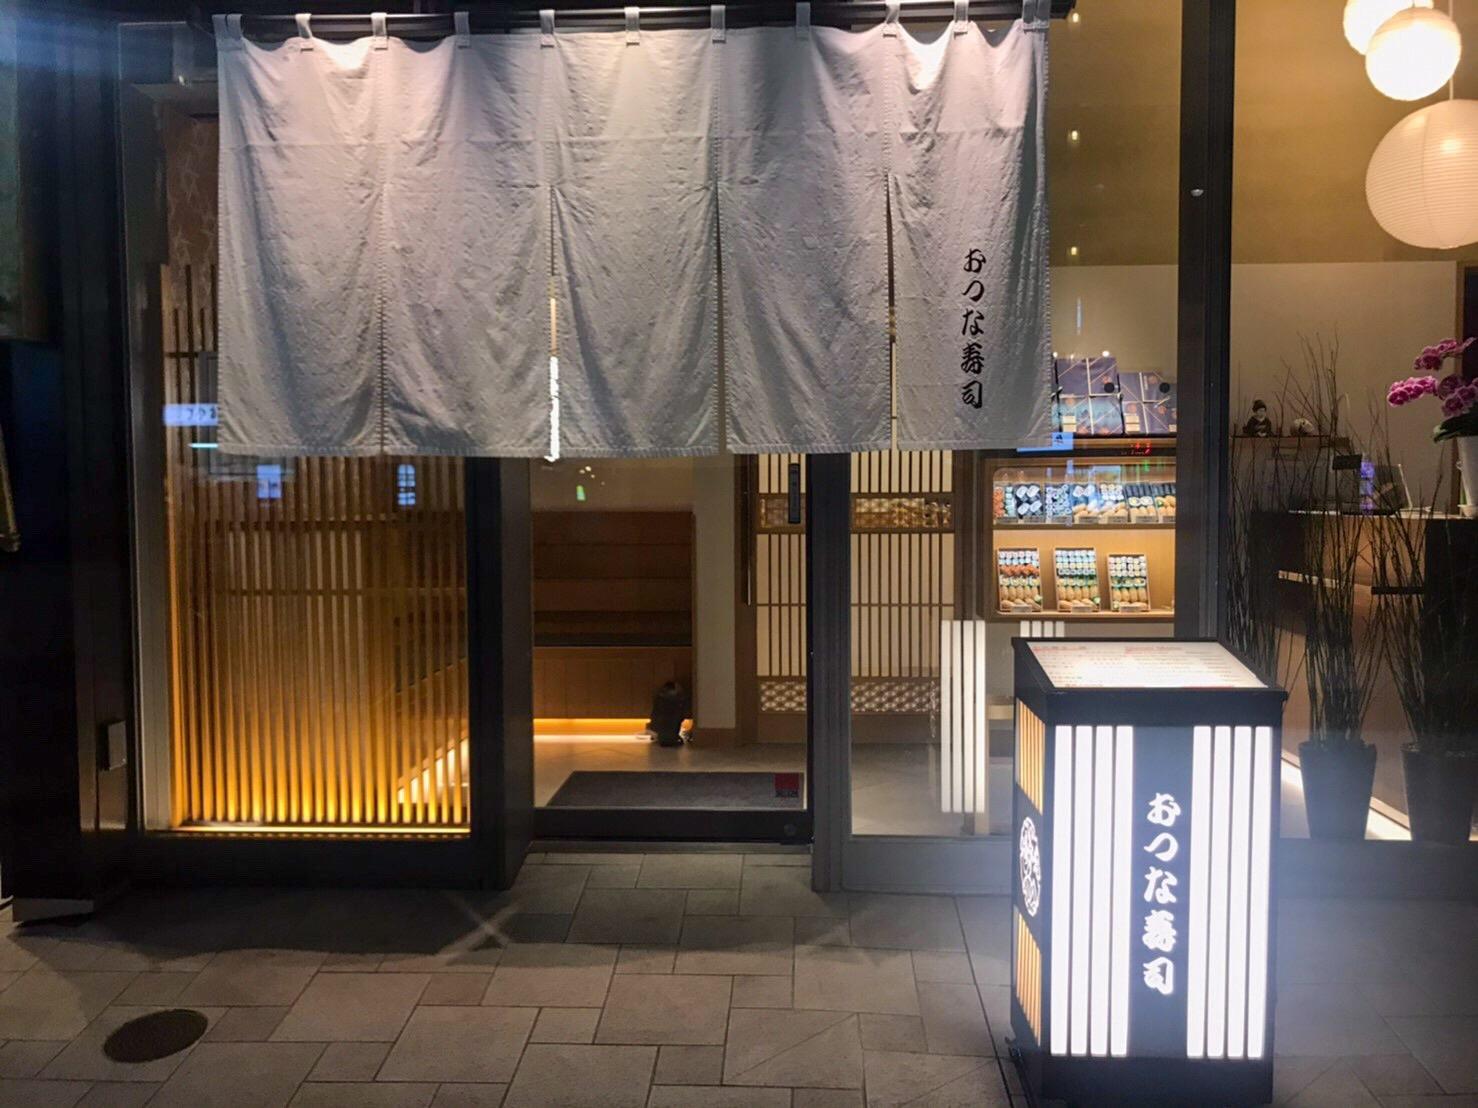 東京・六本木にある明治8年創業の老舗寿司屋【おつな寿司】